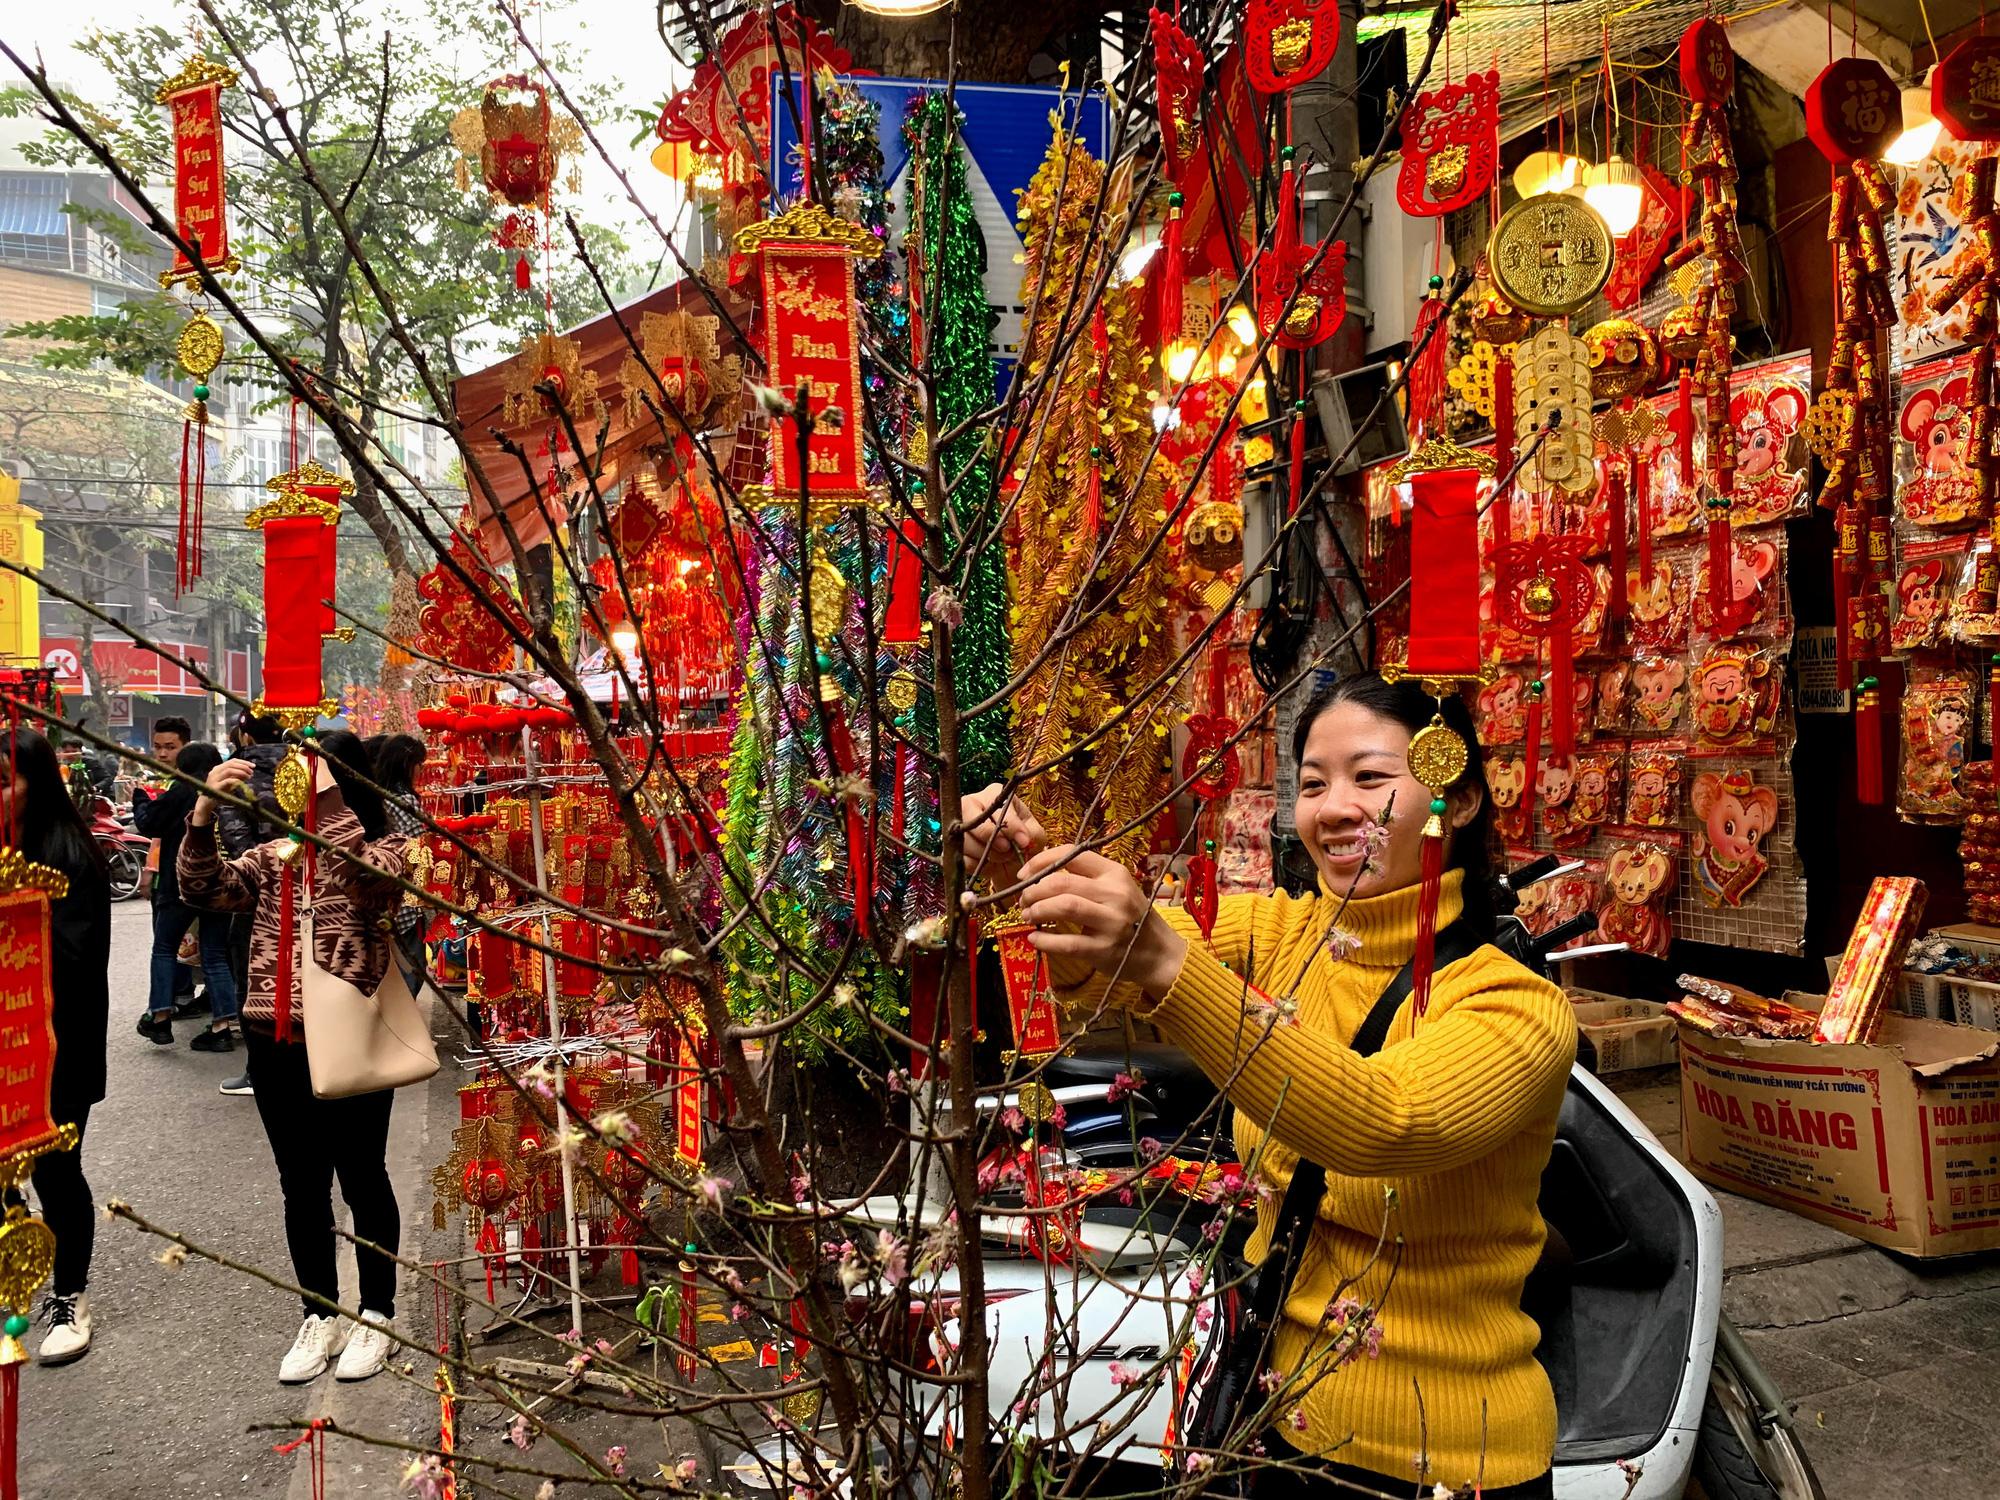 Chiều cuối năm, đột nhập chợ hoa xuân xem người Hà Nội sắm Tết - Ảnh 26.